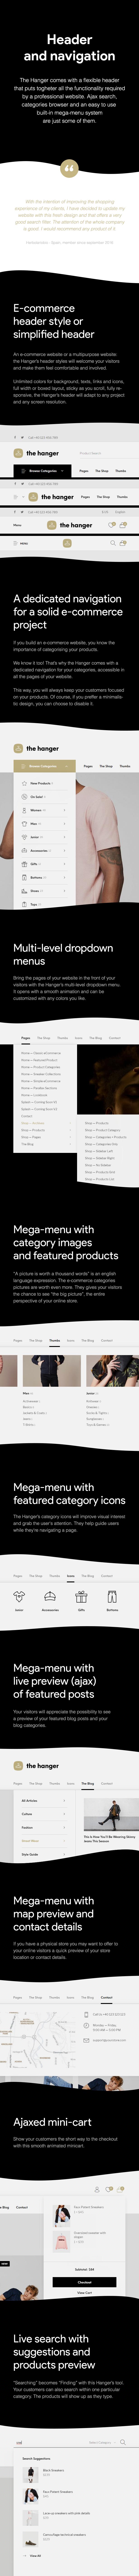 The Hanger - vielseitiges eCommerce-Wordpress-Layout für WooCommerce - 2